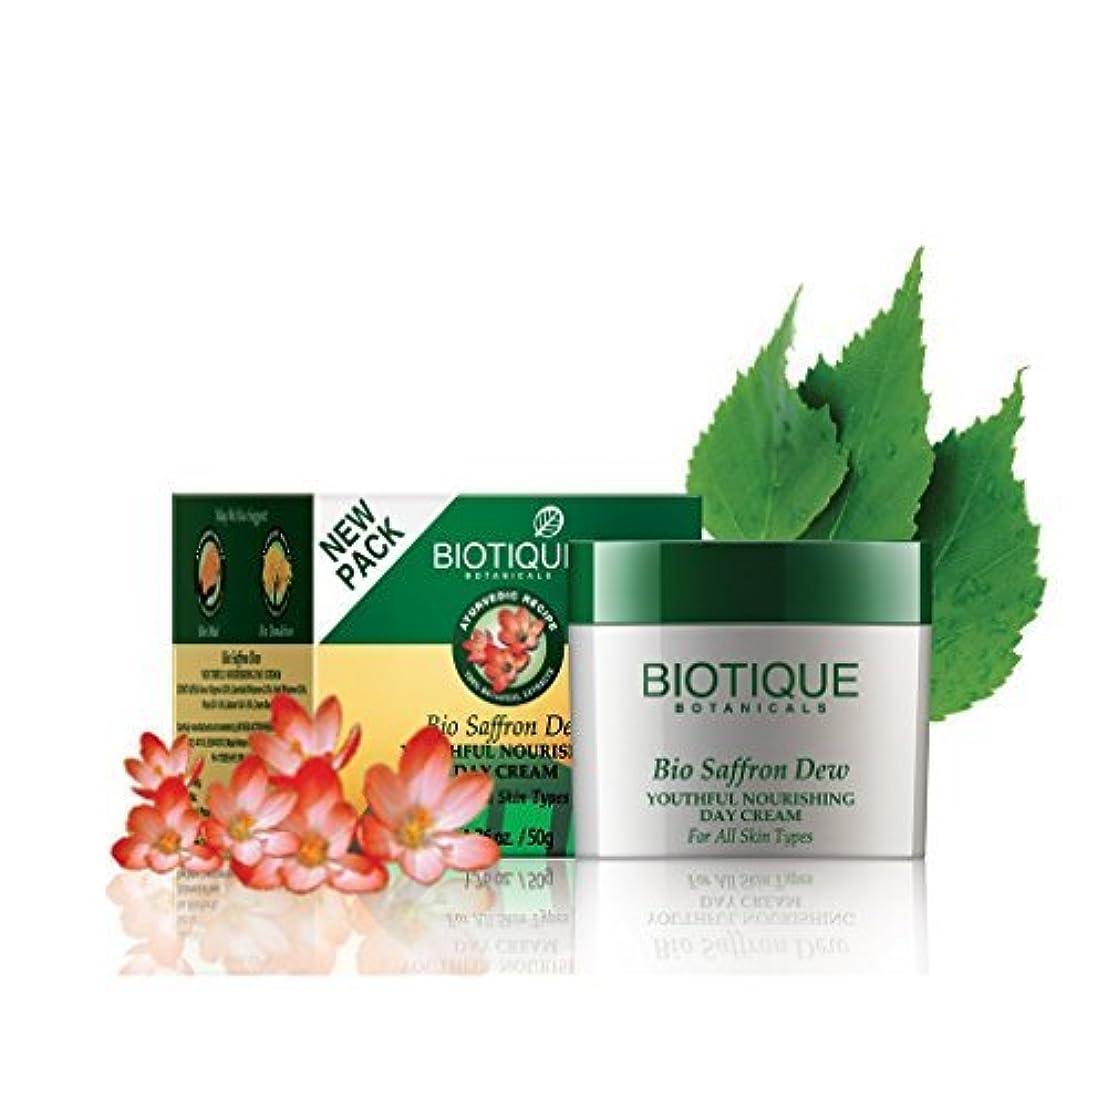 階層おとなしいご注意Biotique Saffron Dew 50g -- Ageless face & body cream by Biotique [並行輸入品]